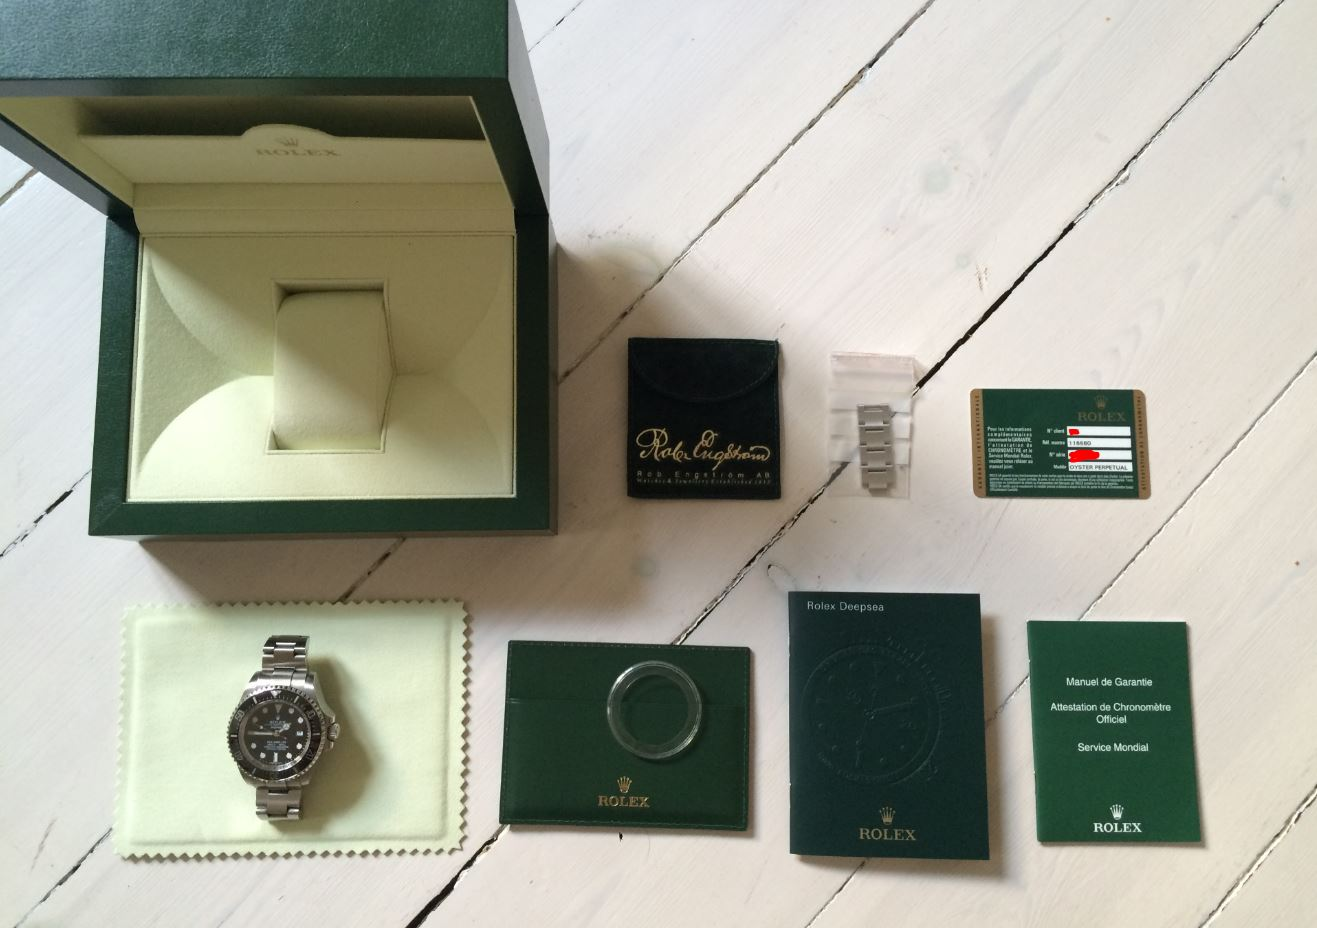 översikt 3 Rolex.JPG